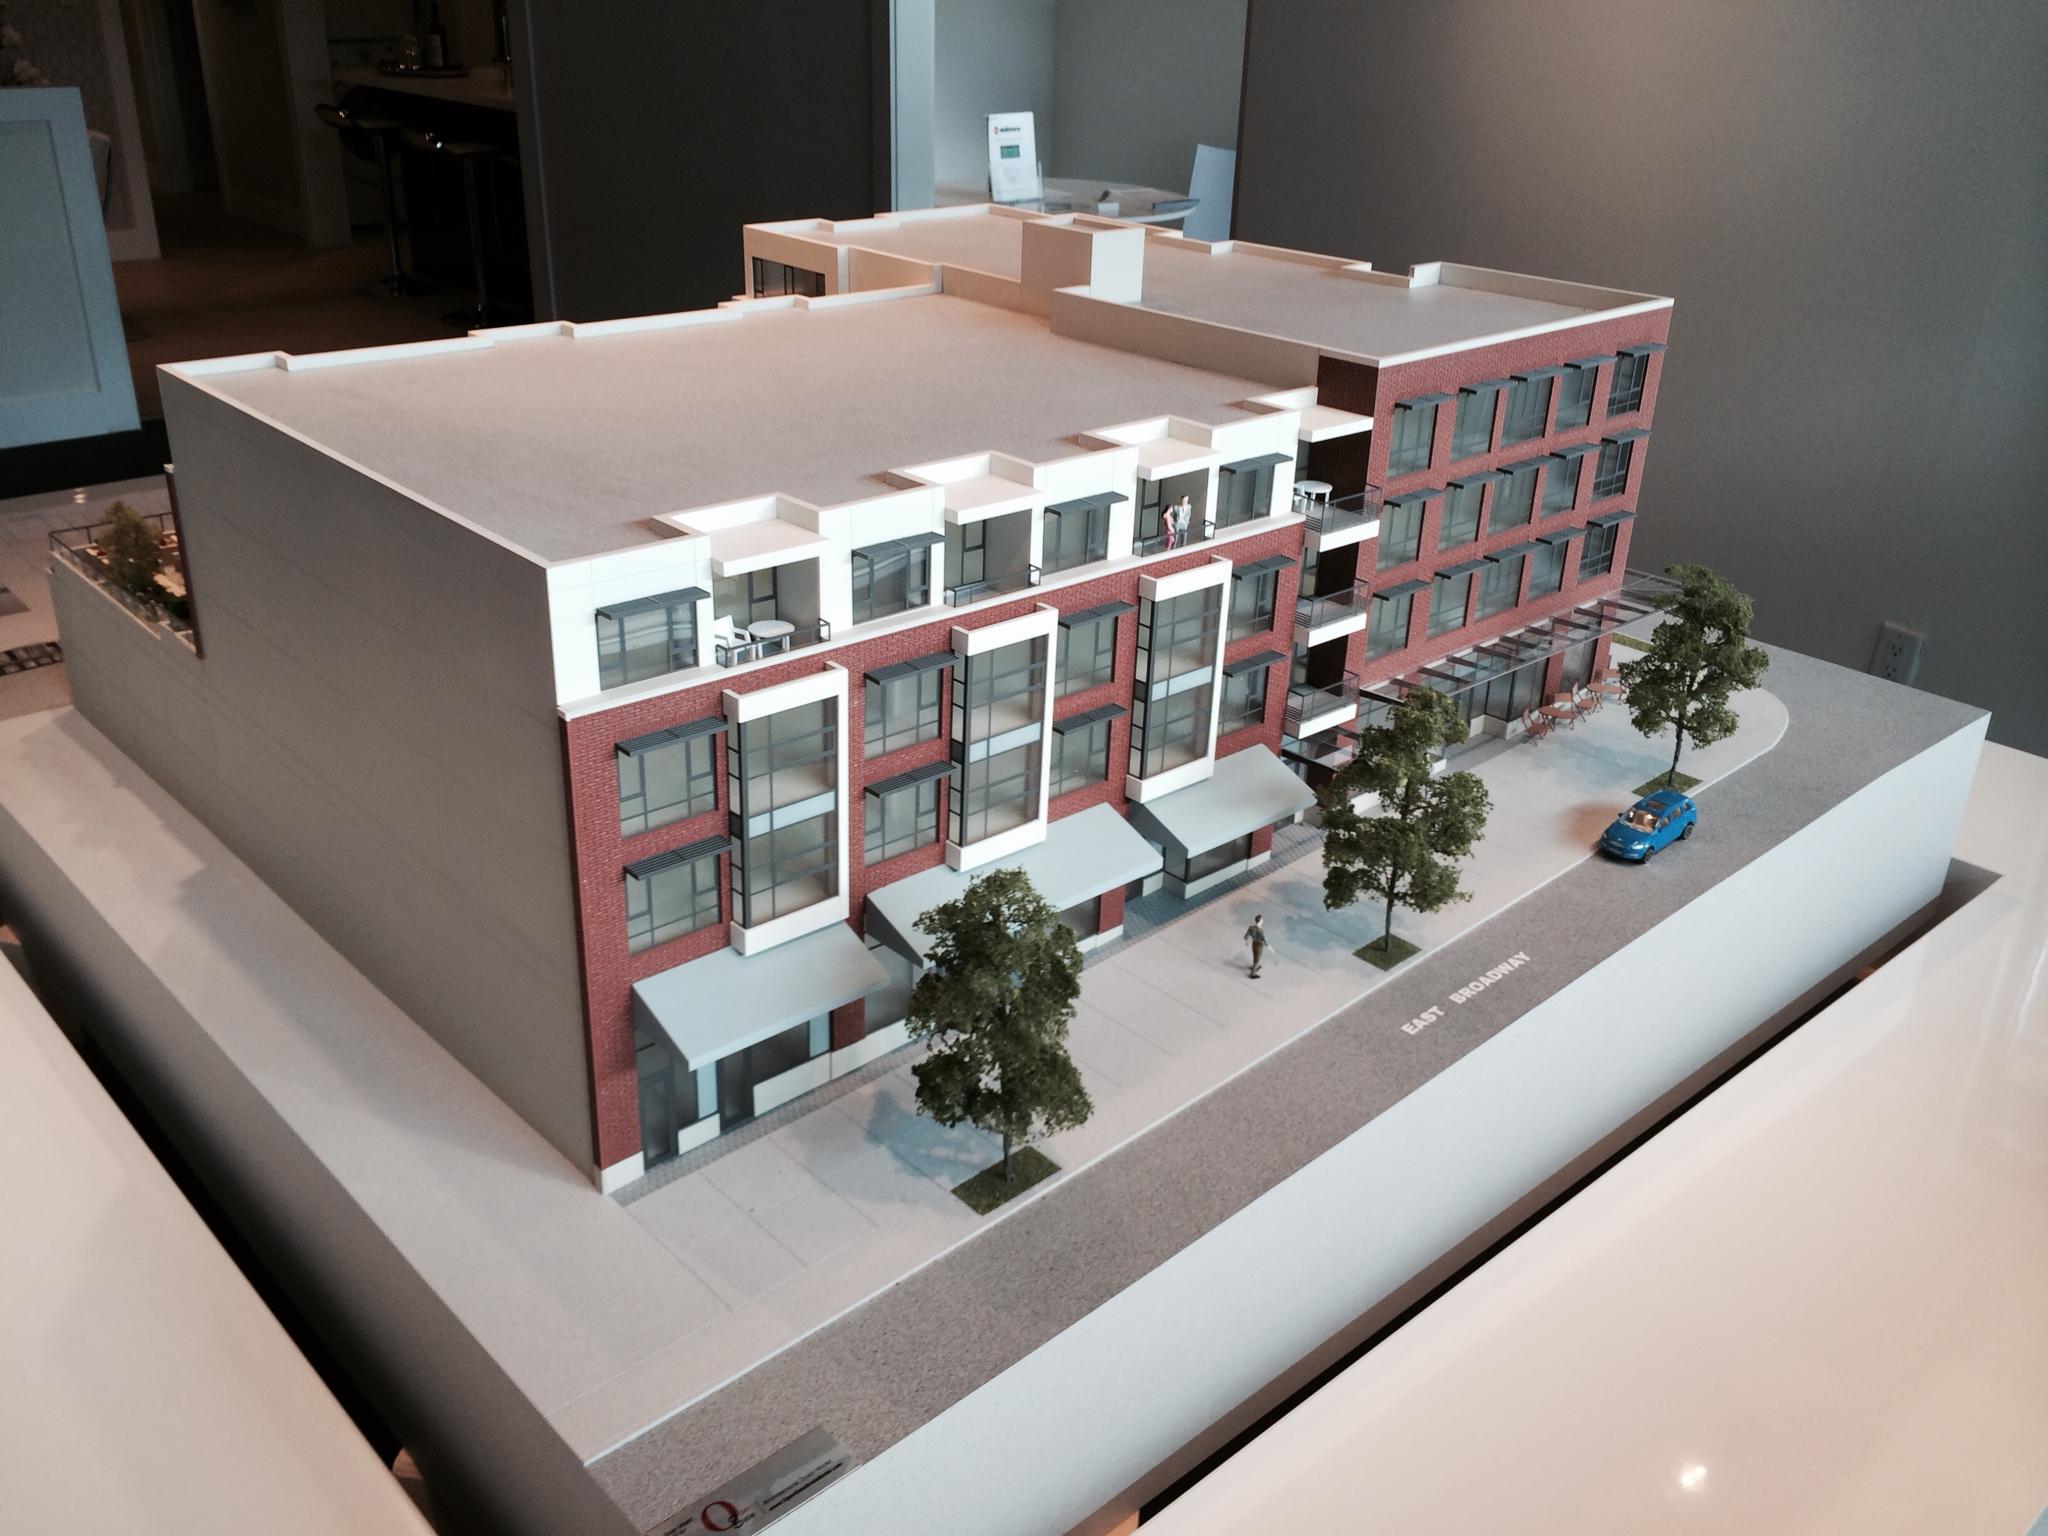 Midtown Presale Condo Display 2 Model Mike Stewart